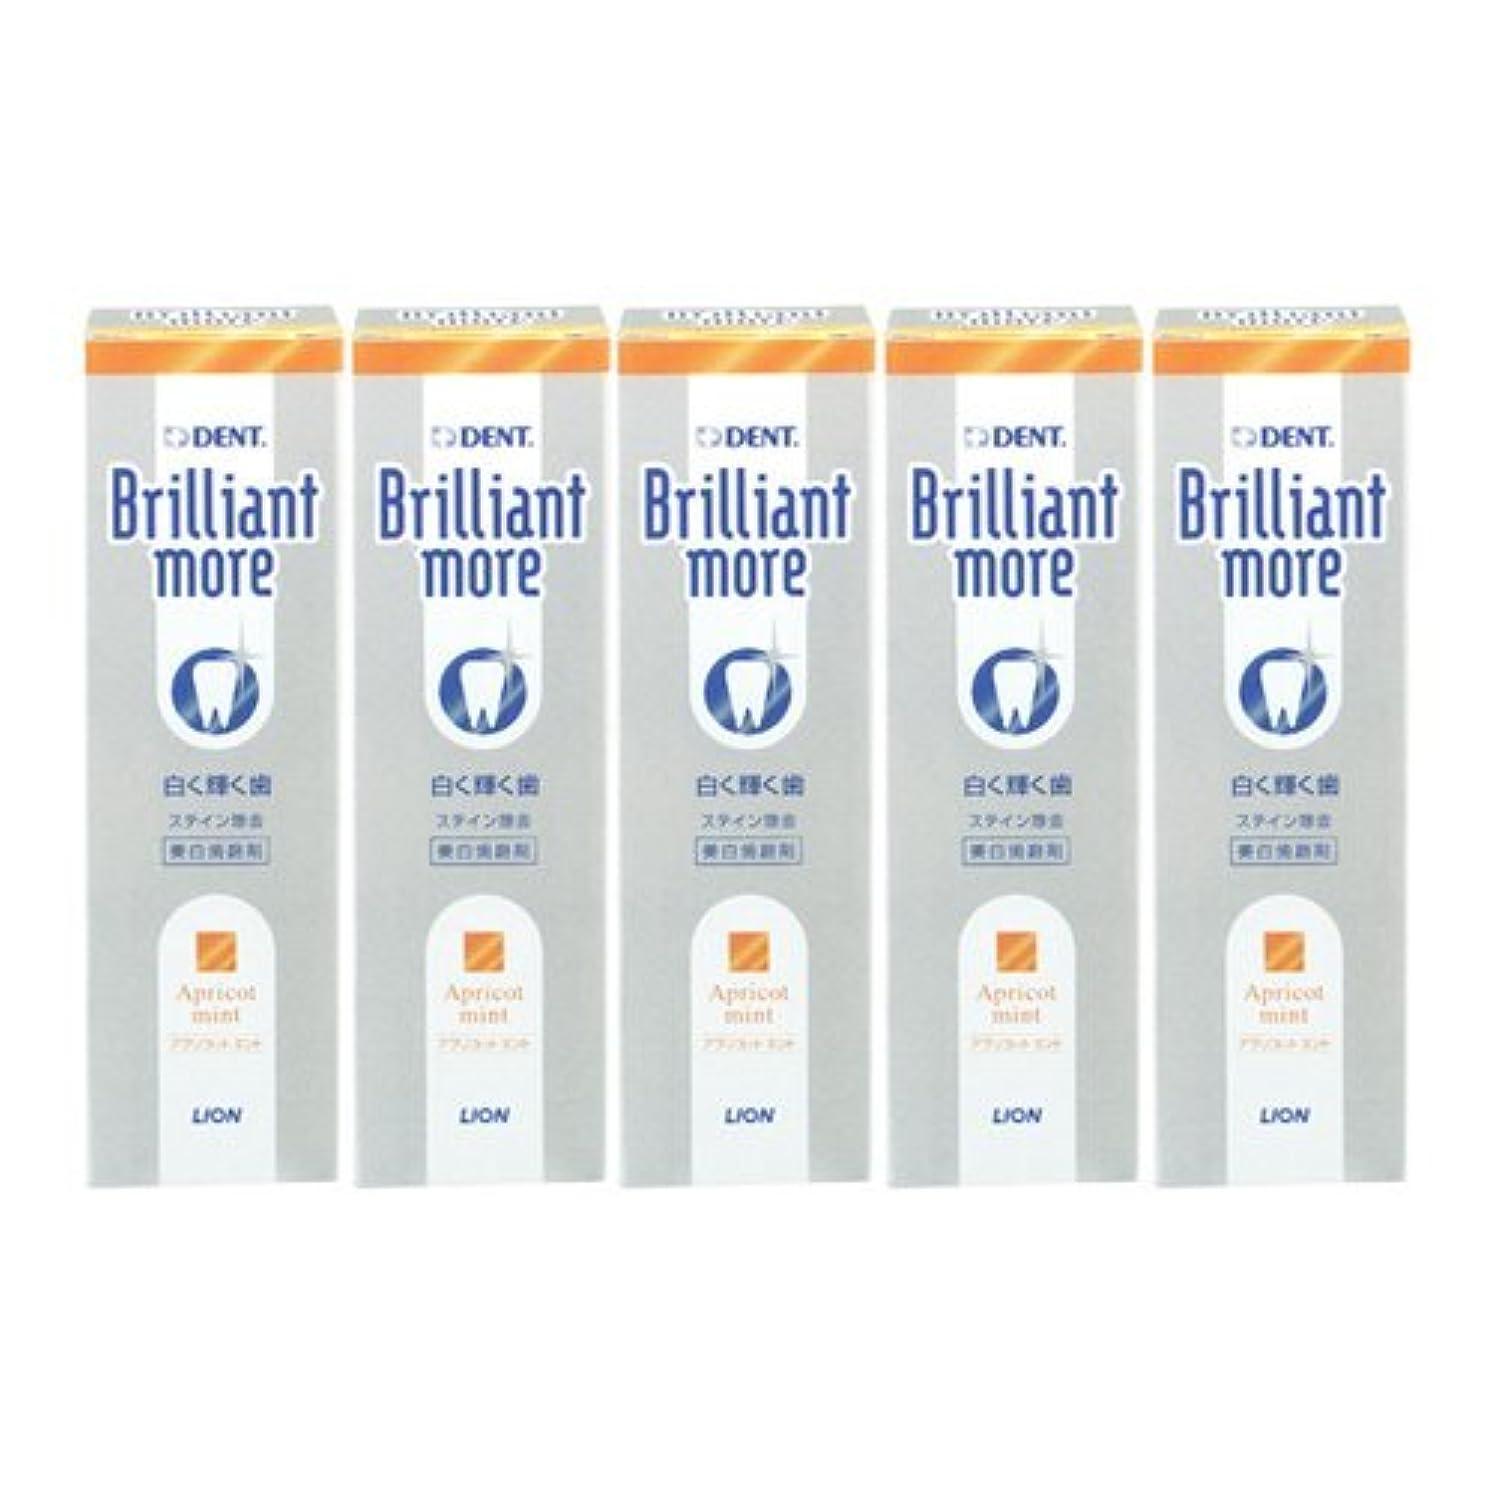 ライオン ブリリアントモア アプリコットミント 美白歯磨剤 LION Brilliant more 5本セット